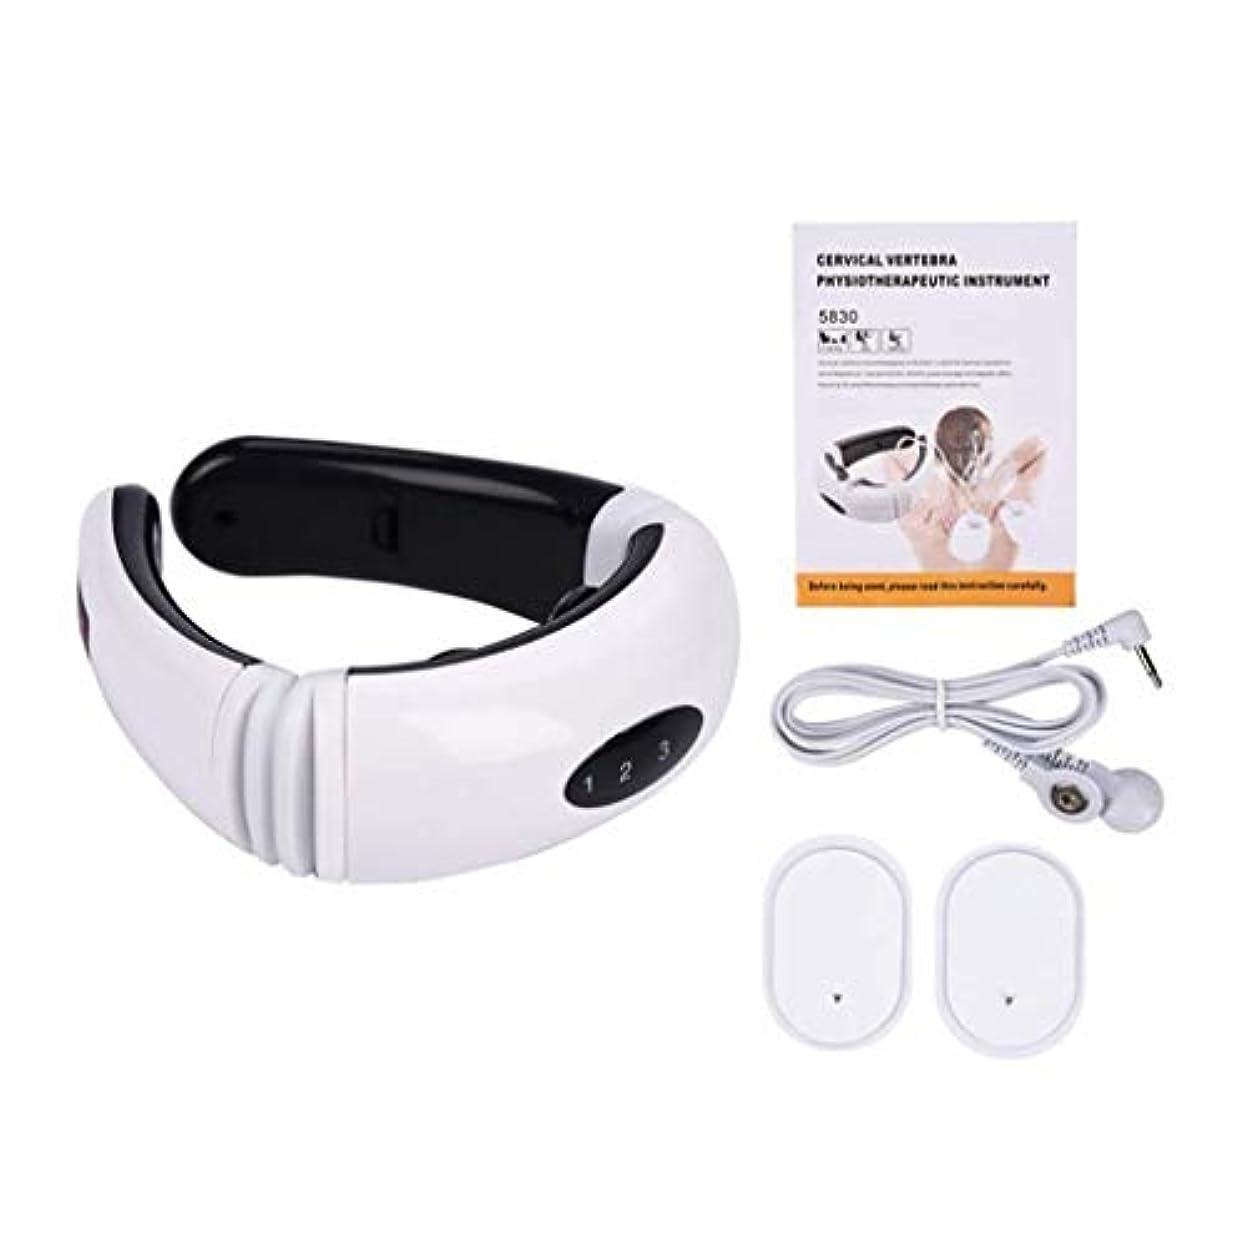 カップル踏み台粒電動ネックマッサージャー、頸椎マッサージ器具、調整可能な感電パルス頸部理学療法、多機能ネックマッサージャー、痛みを緩和するマッサージャー